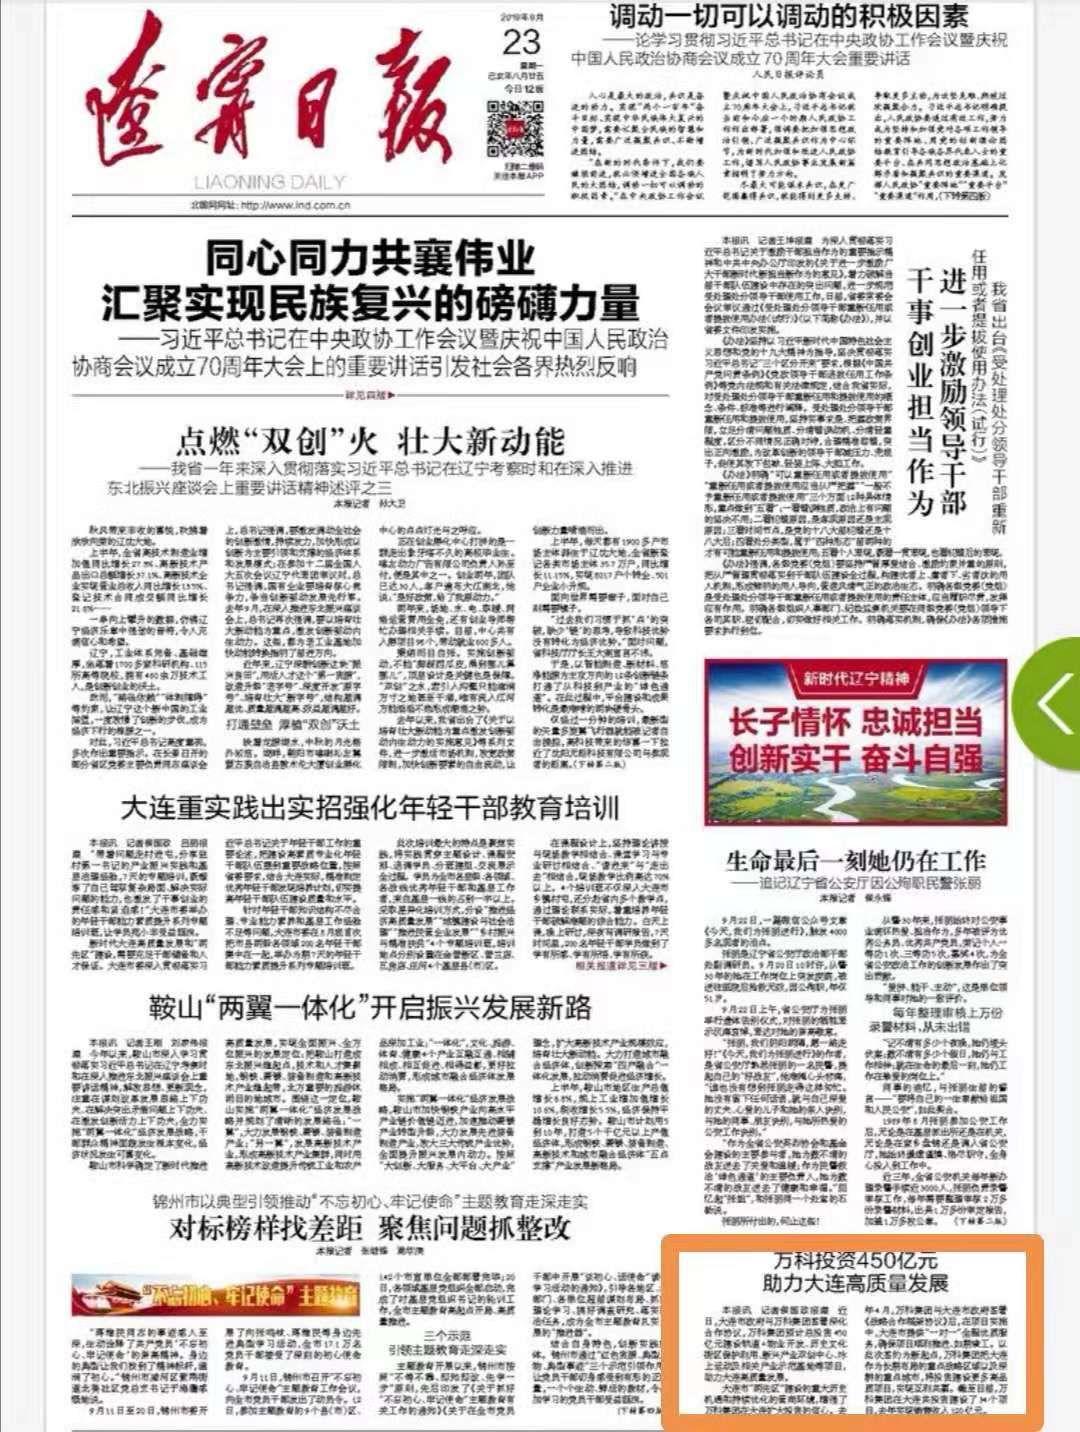 2020年中国将新建至少68万5G基站 美国只规划5万个